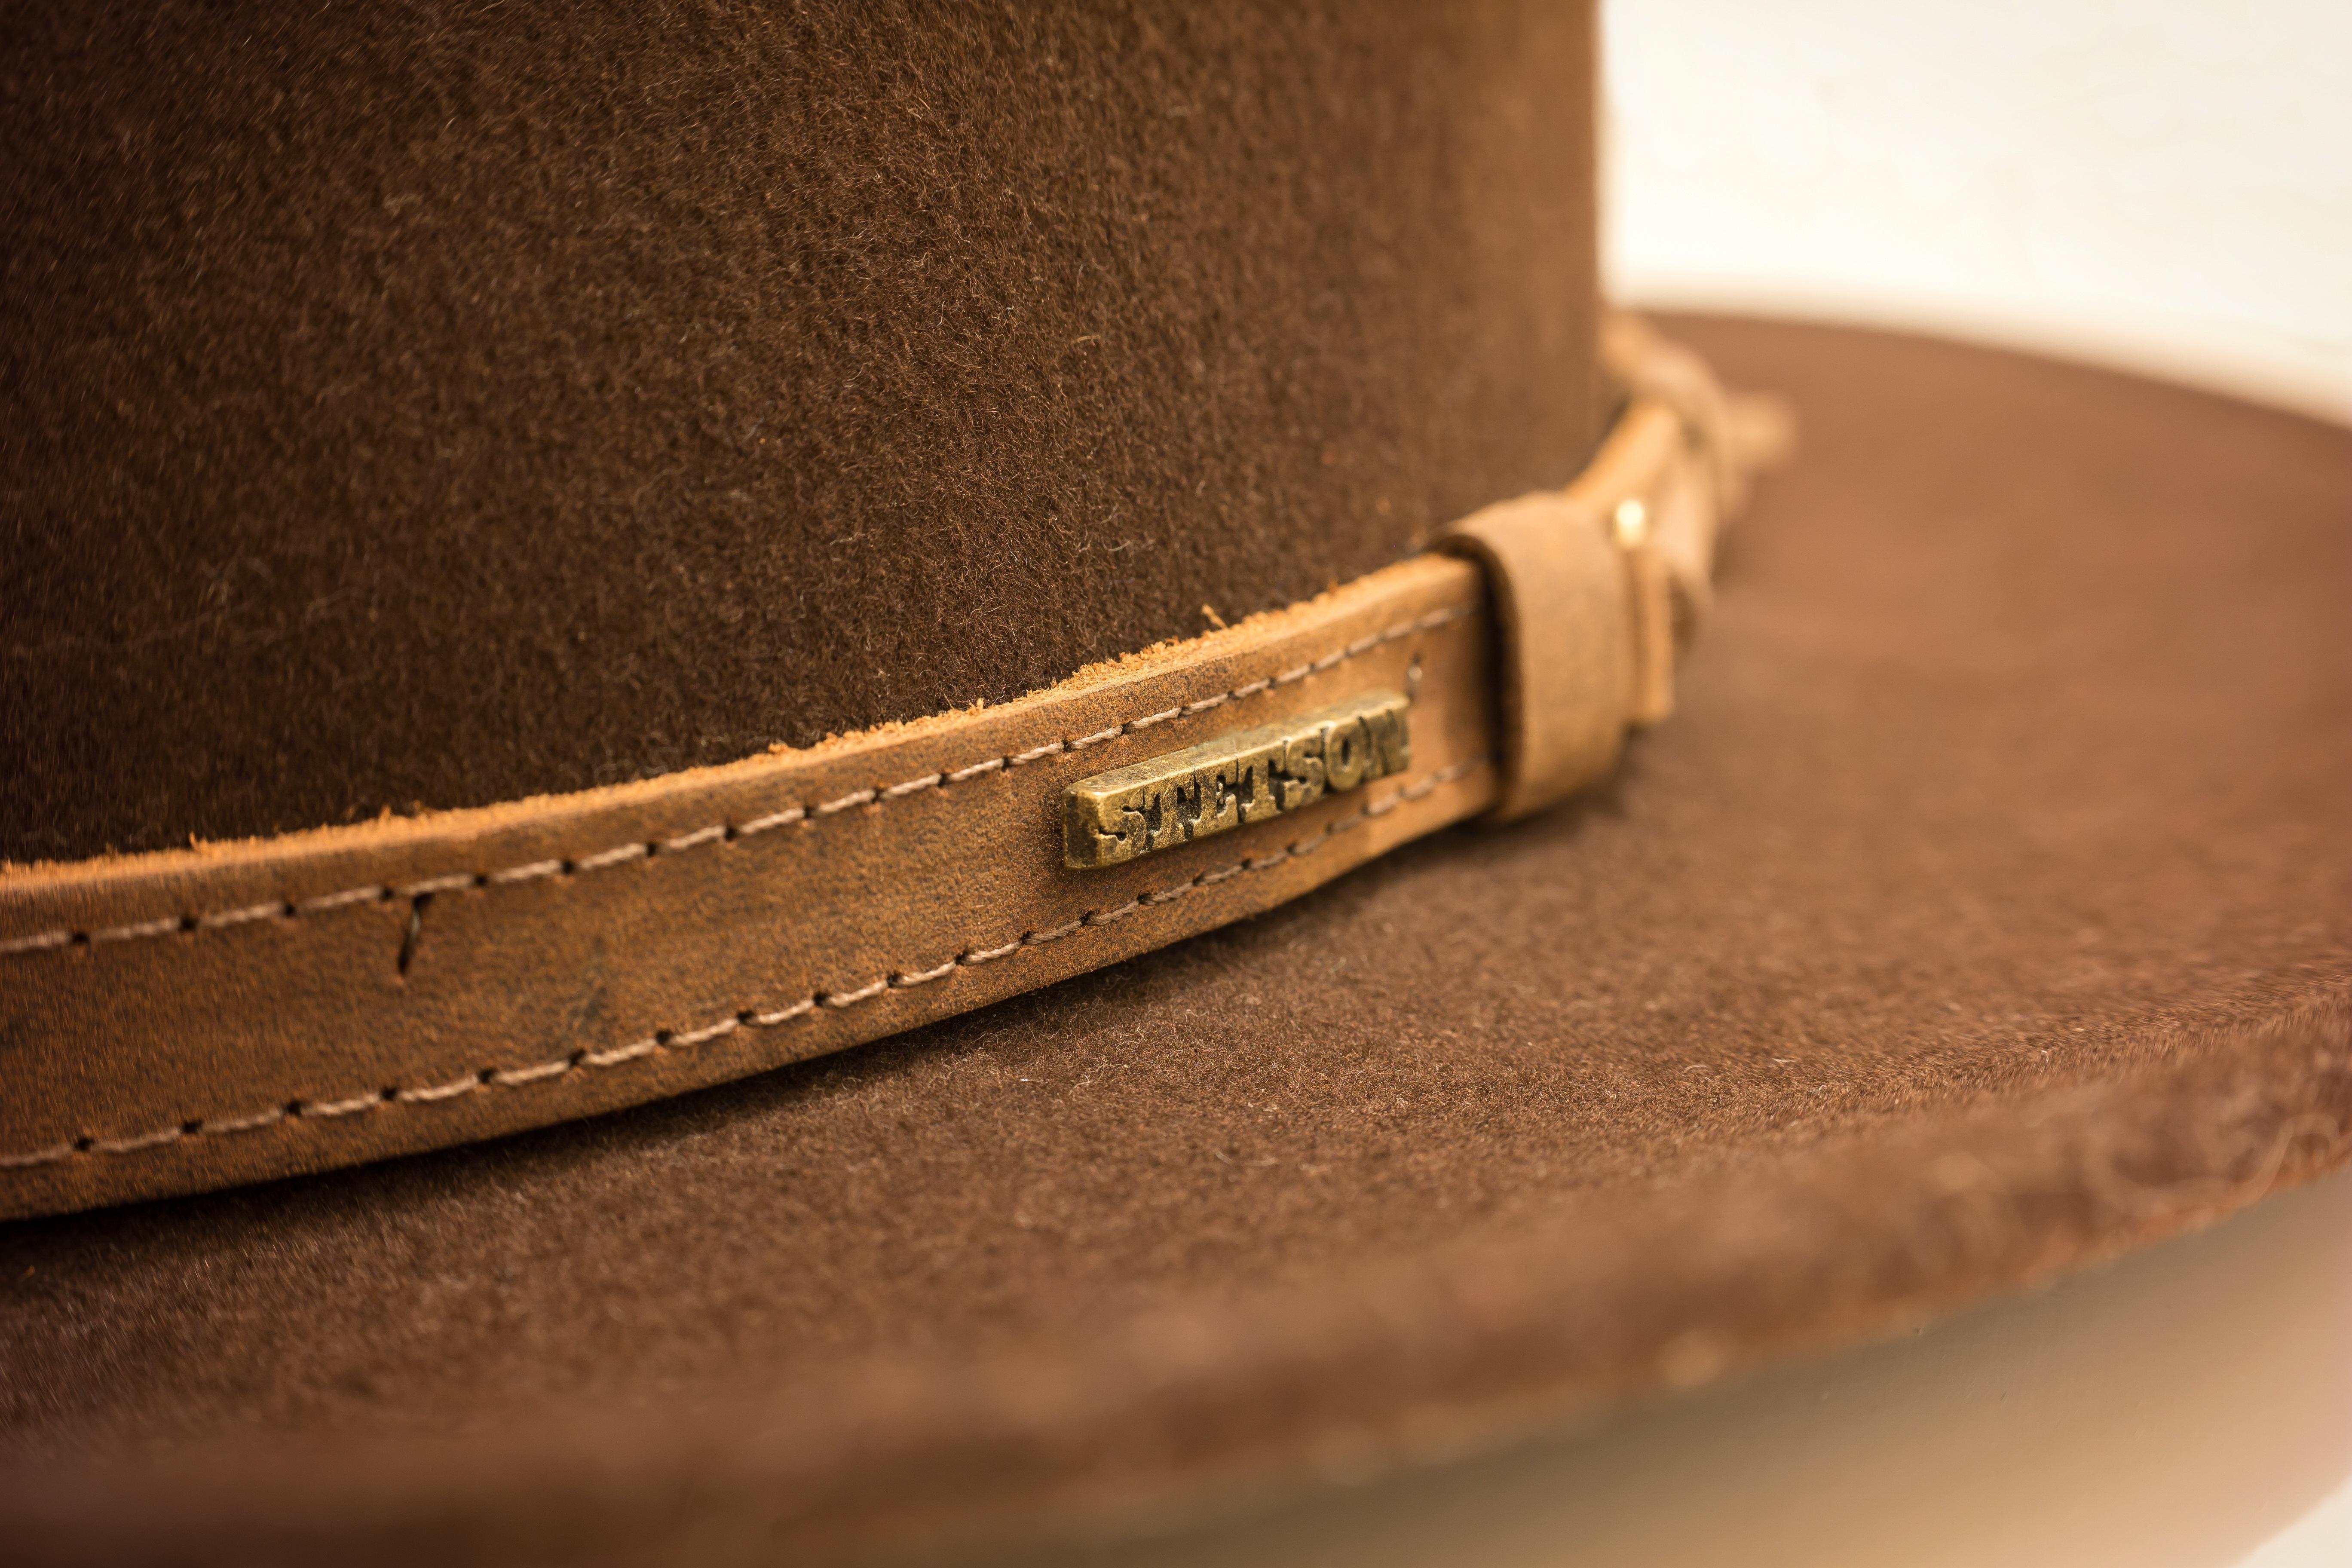 655880c67cc11 mano cuero marrón sombrero marca cinturón textil vaquero occidental  Sombrerería Correa Fedora Stetson sintió hebilla sombrero